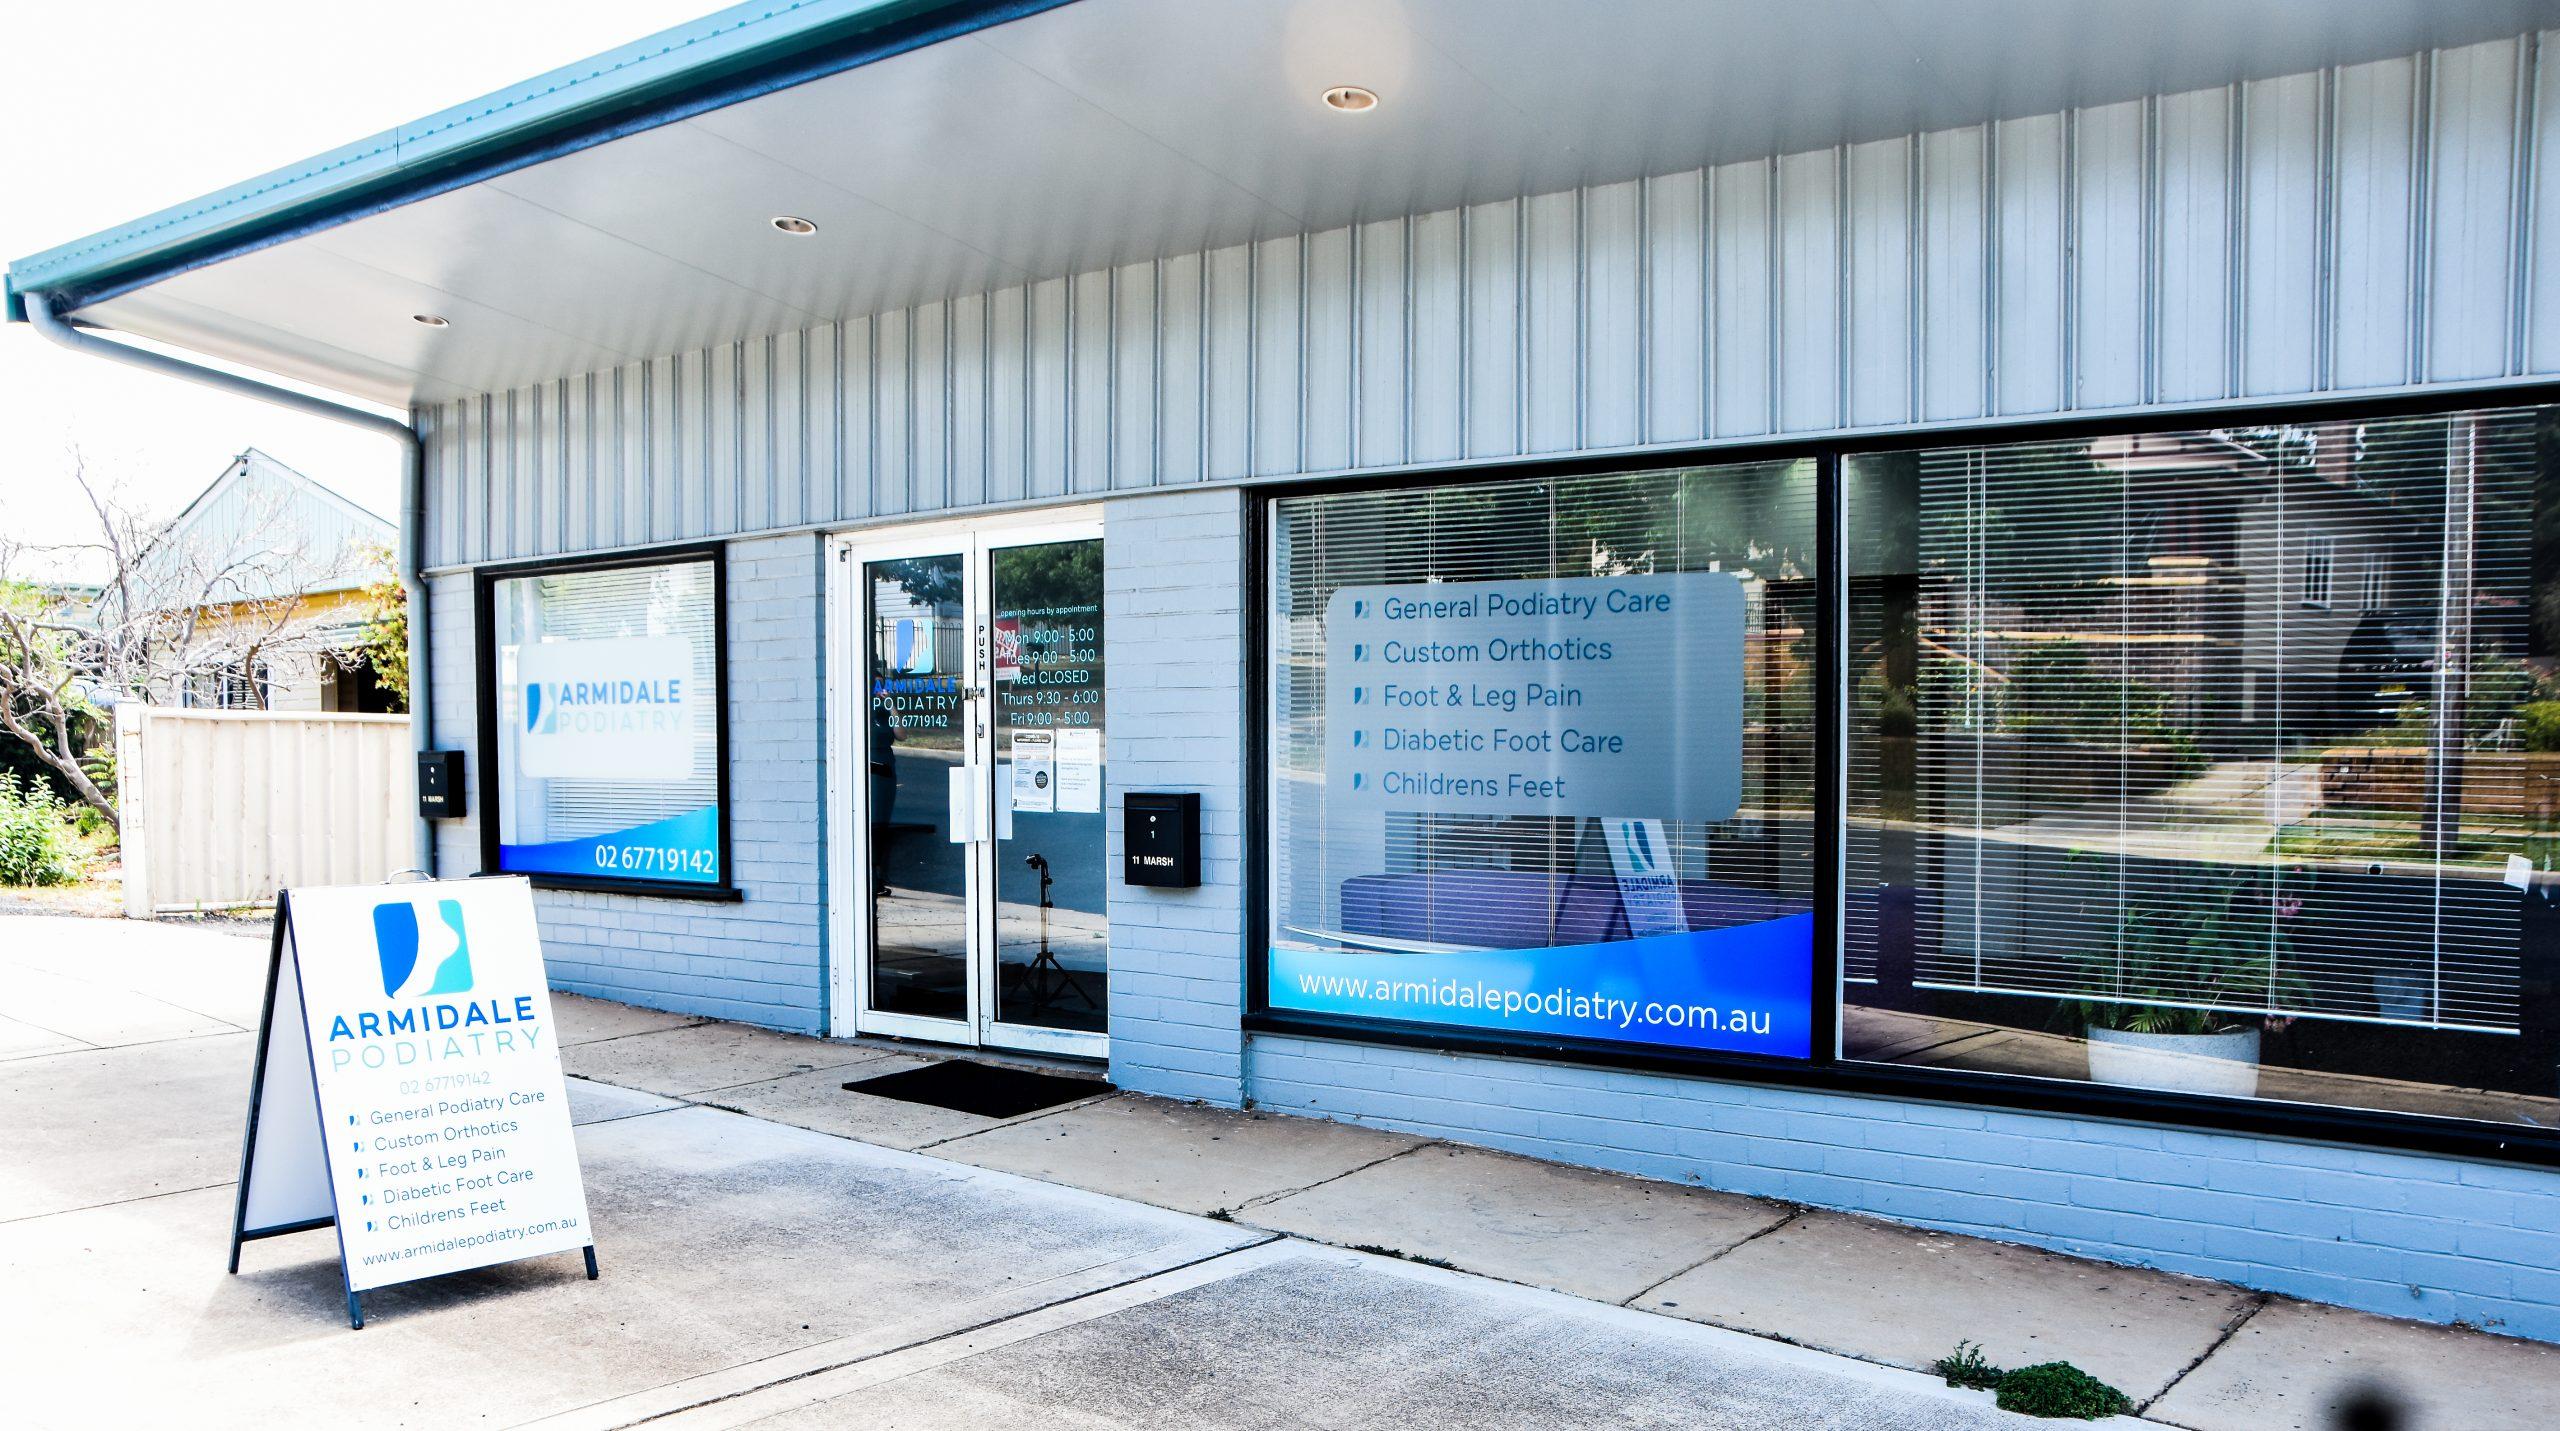 The Armidale Podiatry Exterior Shopfront